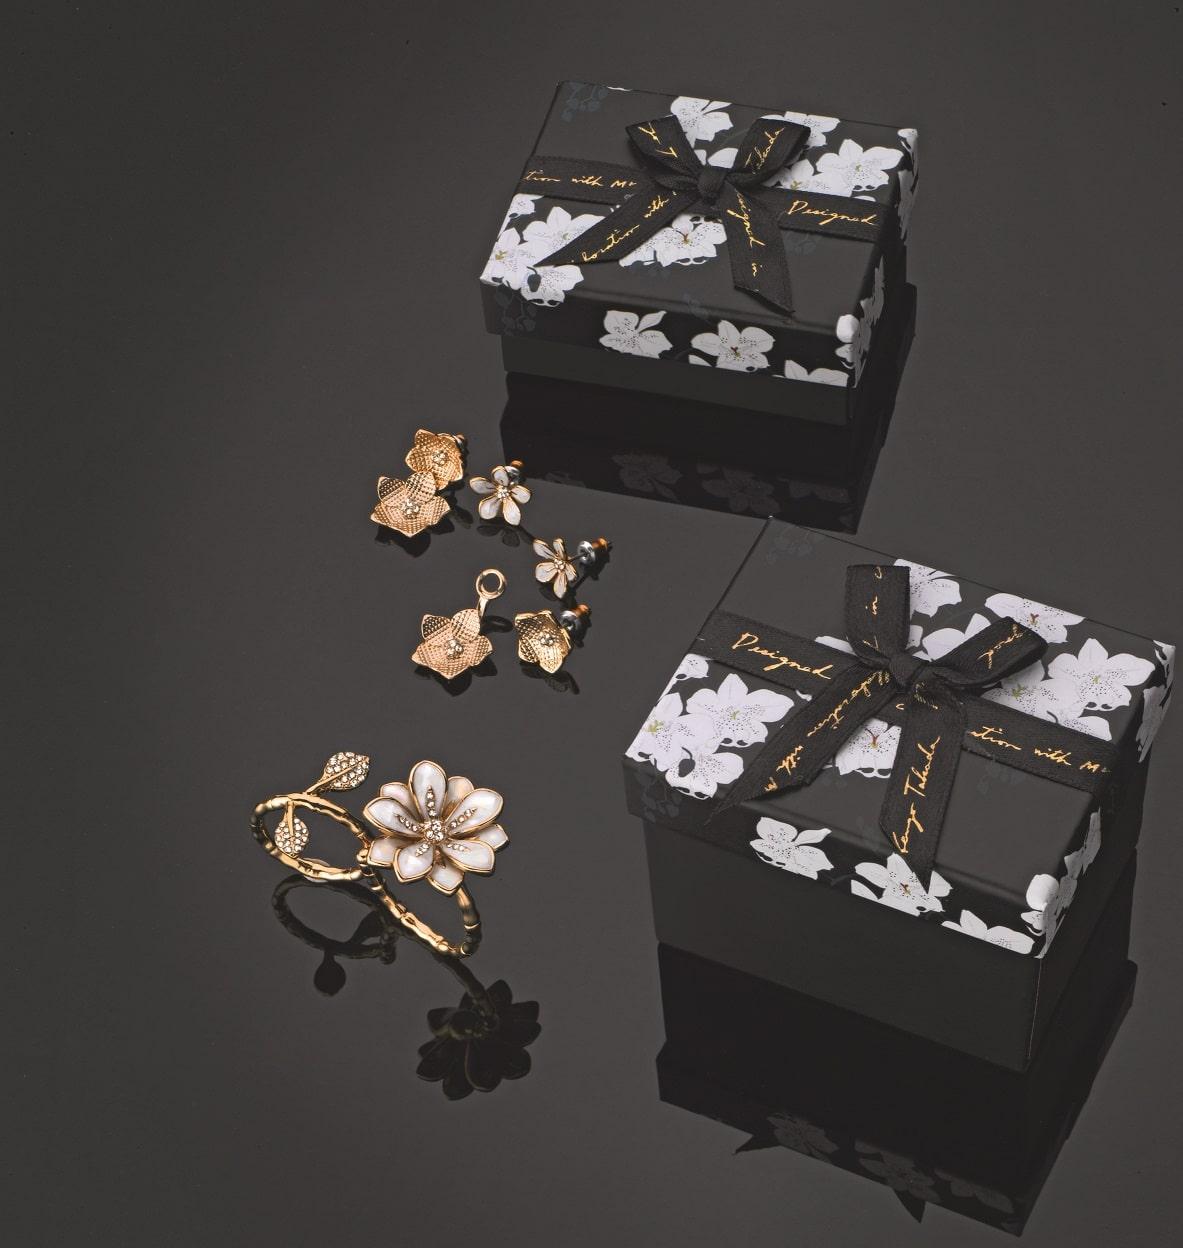 Avon e Kenzo Takada collezione Bijoux Autunno 2017